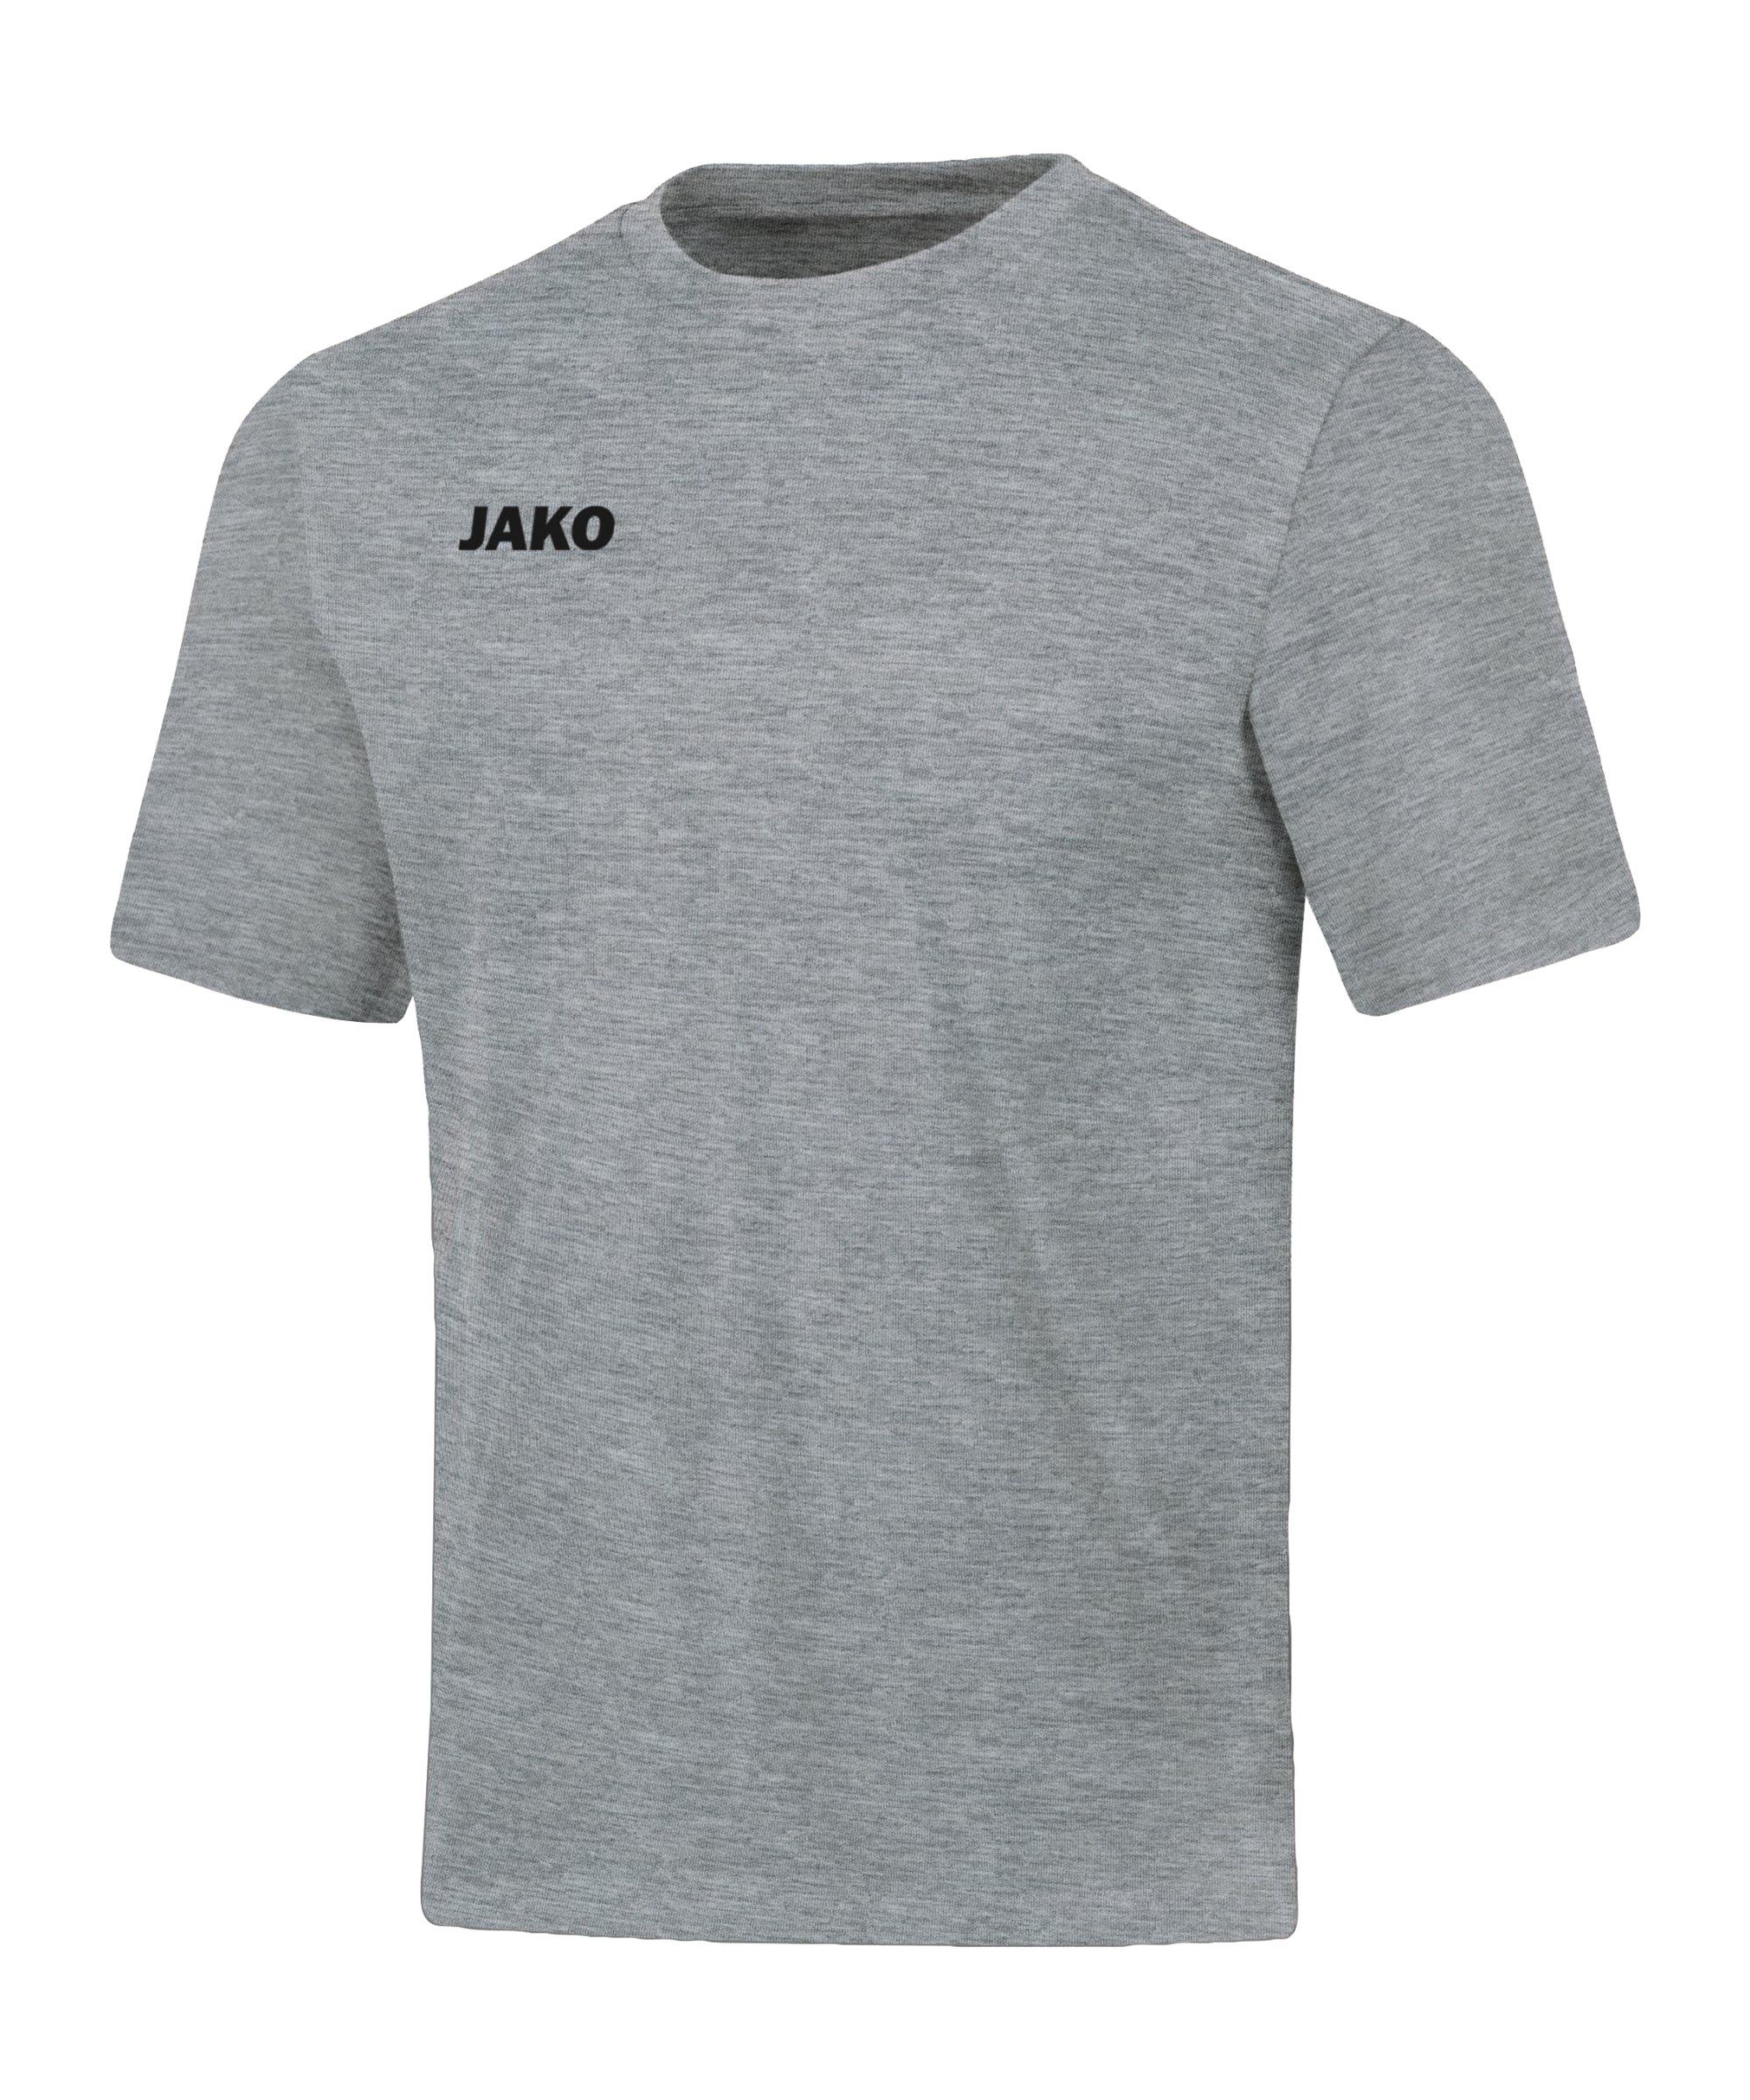 JAKO Base T-Shirt Hellgrau F41 - grau